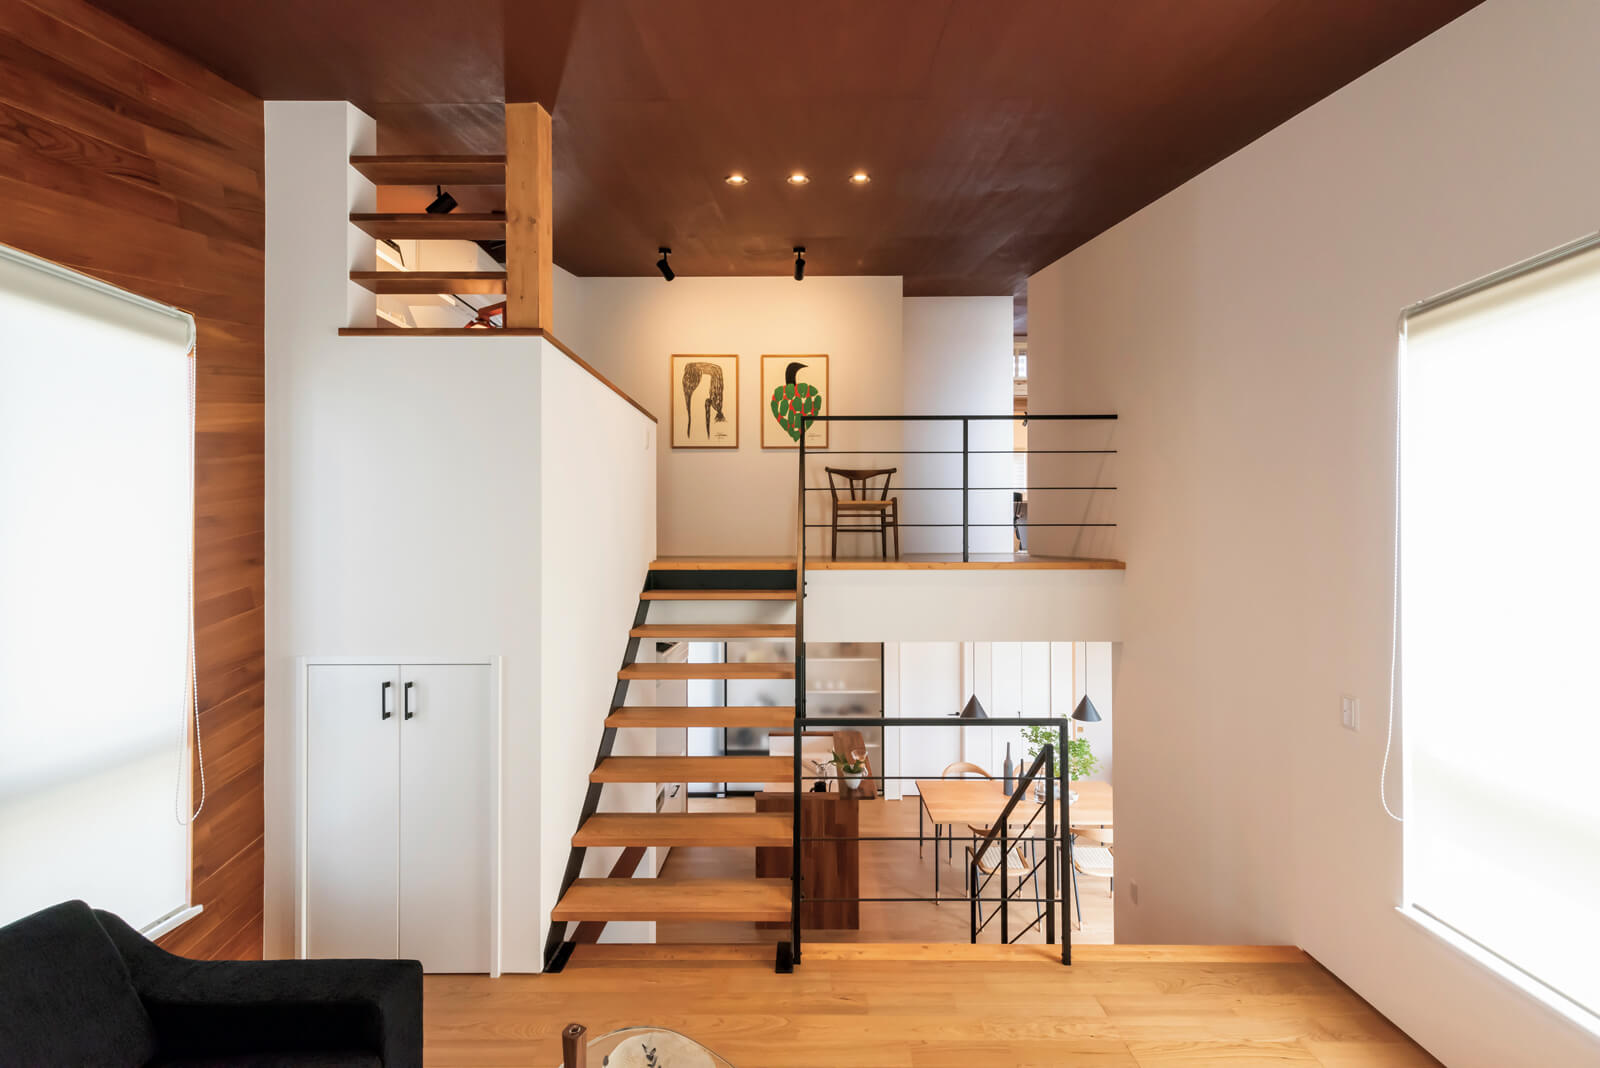 1.5階のリビングから1階のダイニング・キッチンと2階アートスペースを見る。スキップフロアの家には、階段を上がるたびに違った空間が広がる楽しさがある